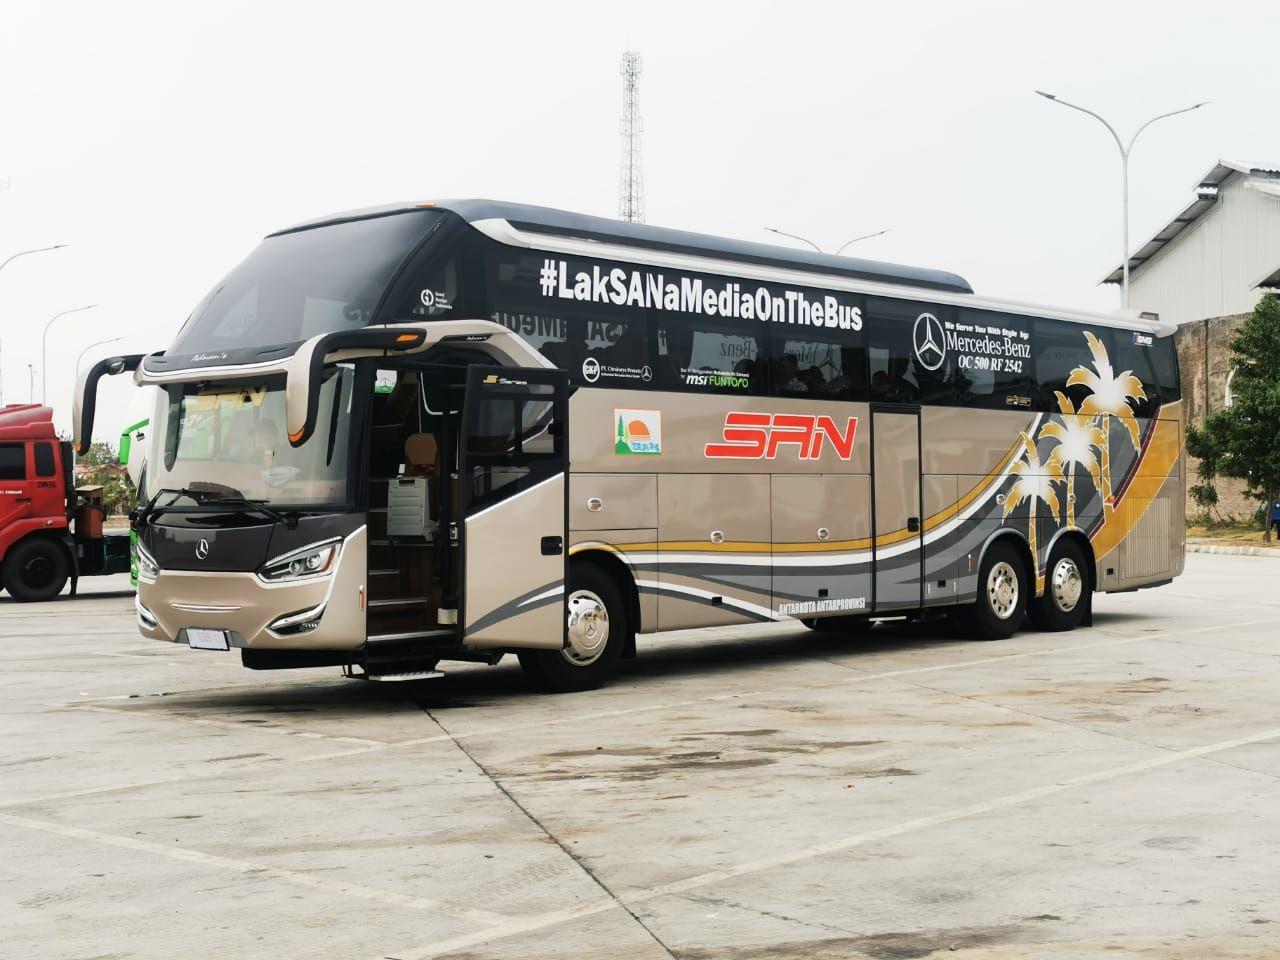 Bus tronton PO SAN buatan karoseri Laksana